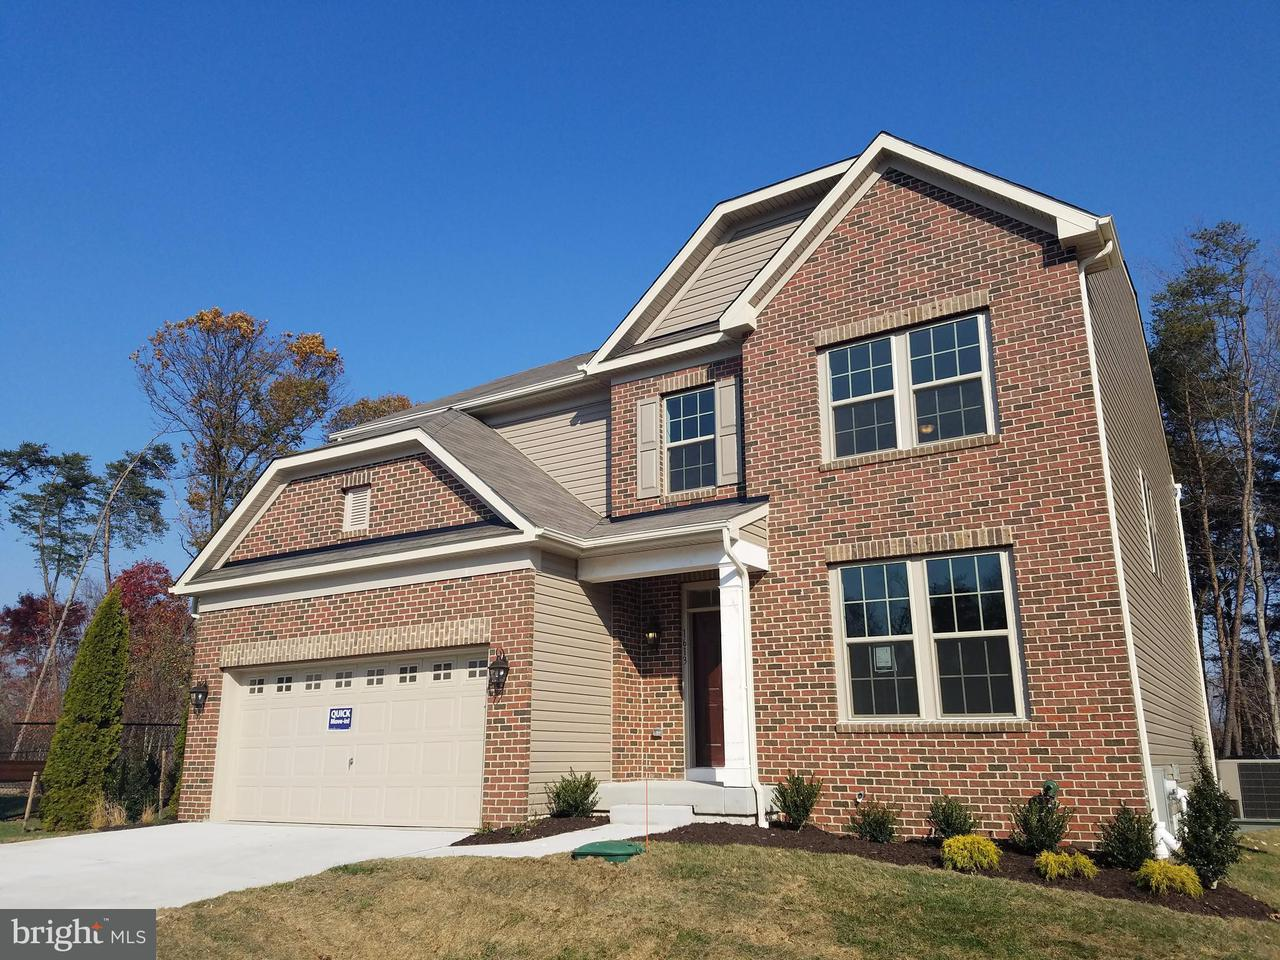 Частный односемейный дом для того Продажа на 1634 HEKLA Lane 1634 HEKLA Lane Harmans, Мэриленд 21077 Соединенные Штаты